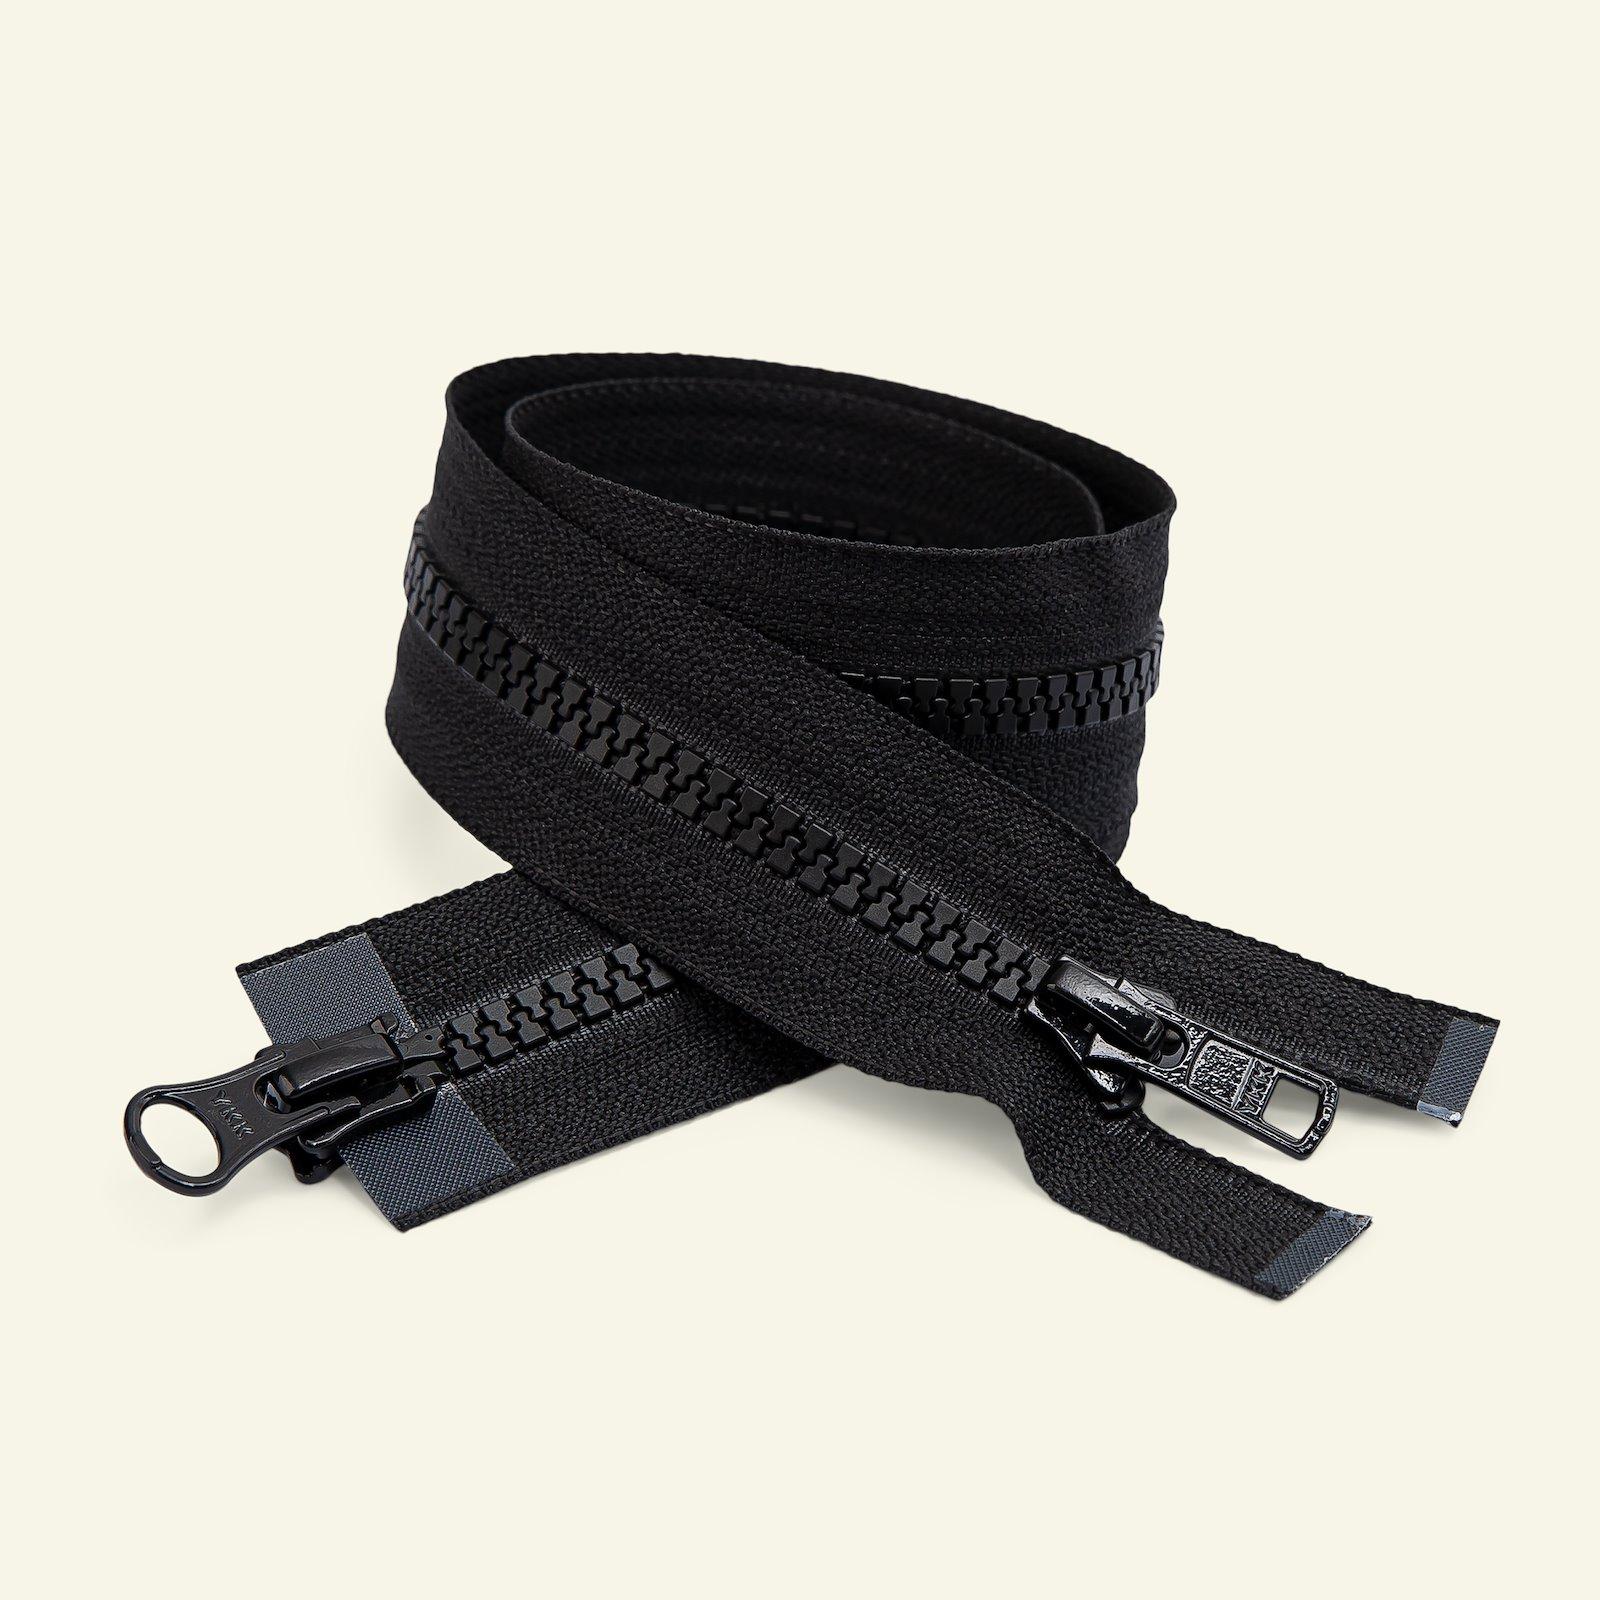 YKK zip 2-way open end 65cm black x50243_pack